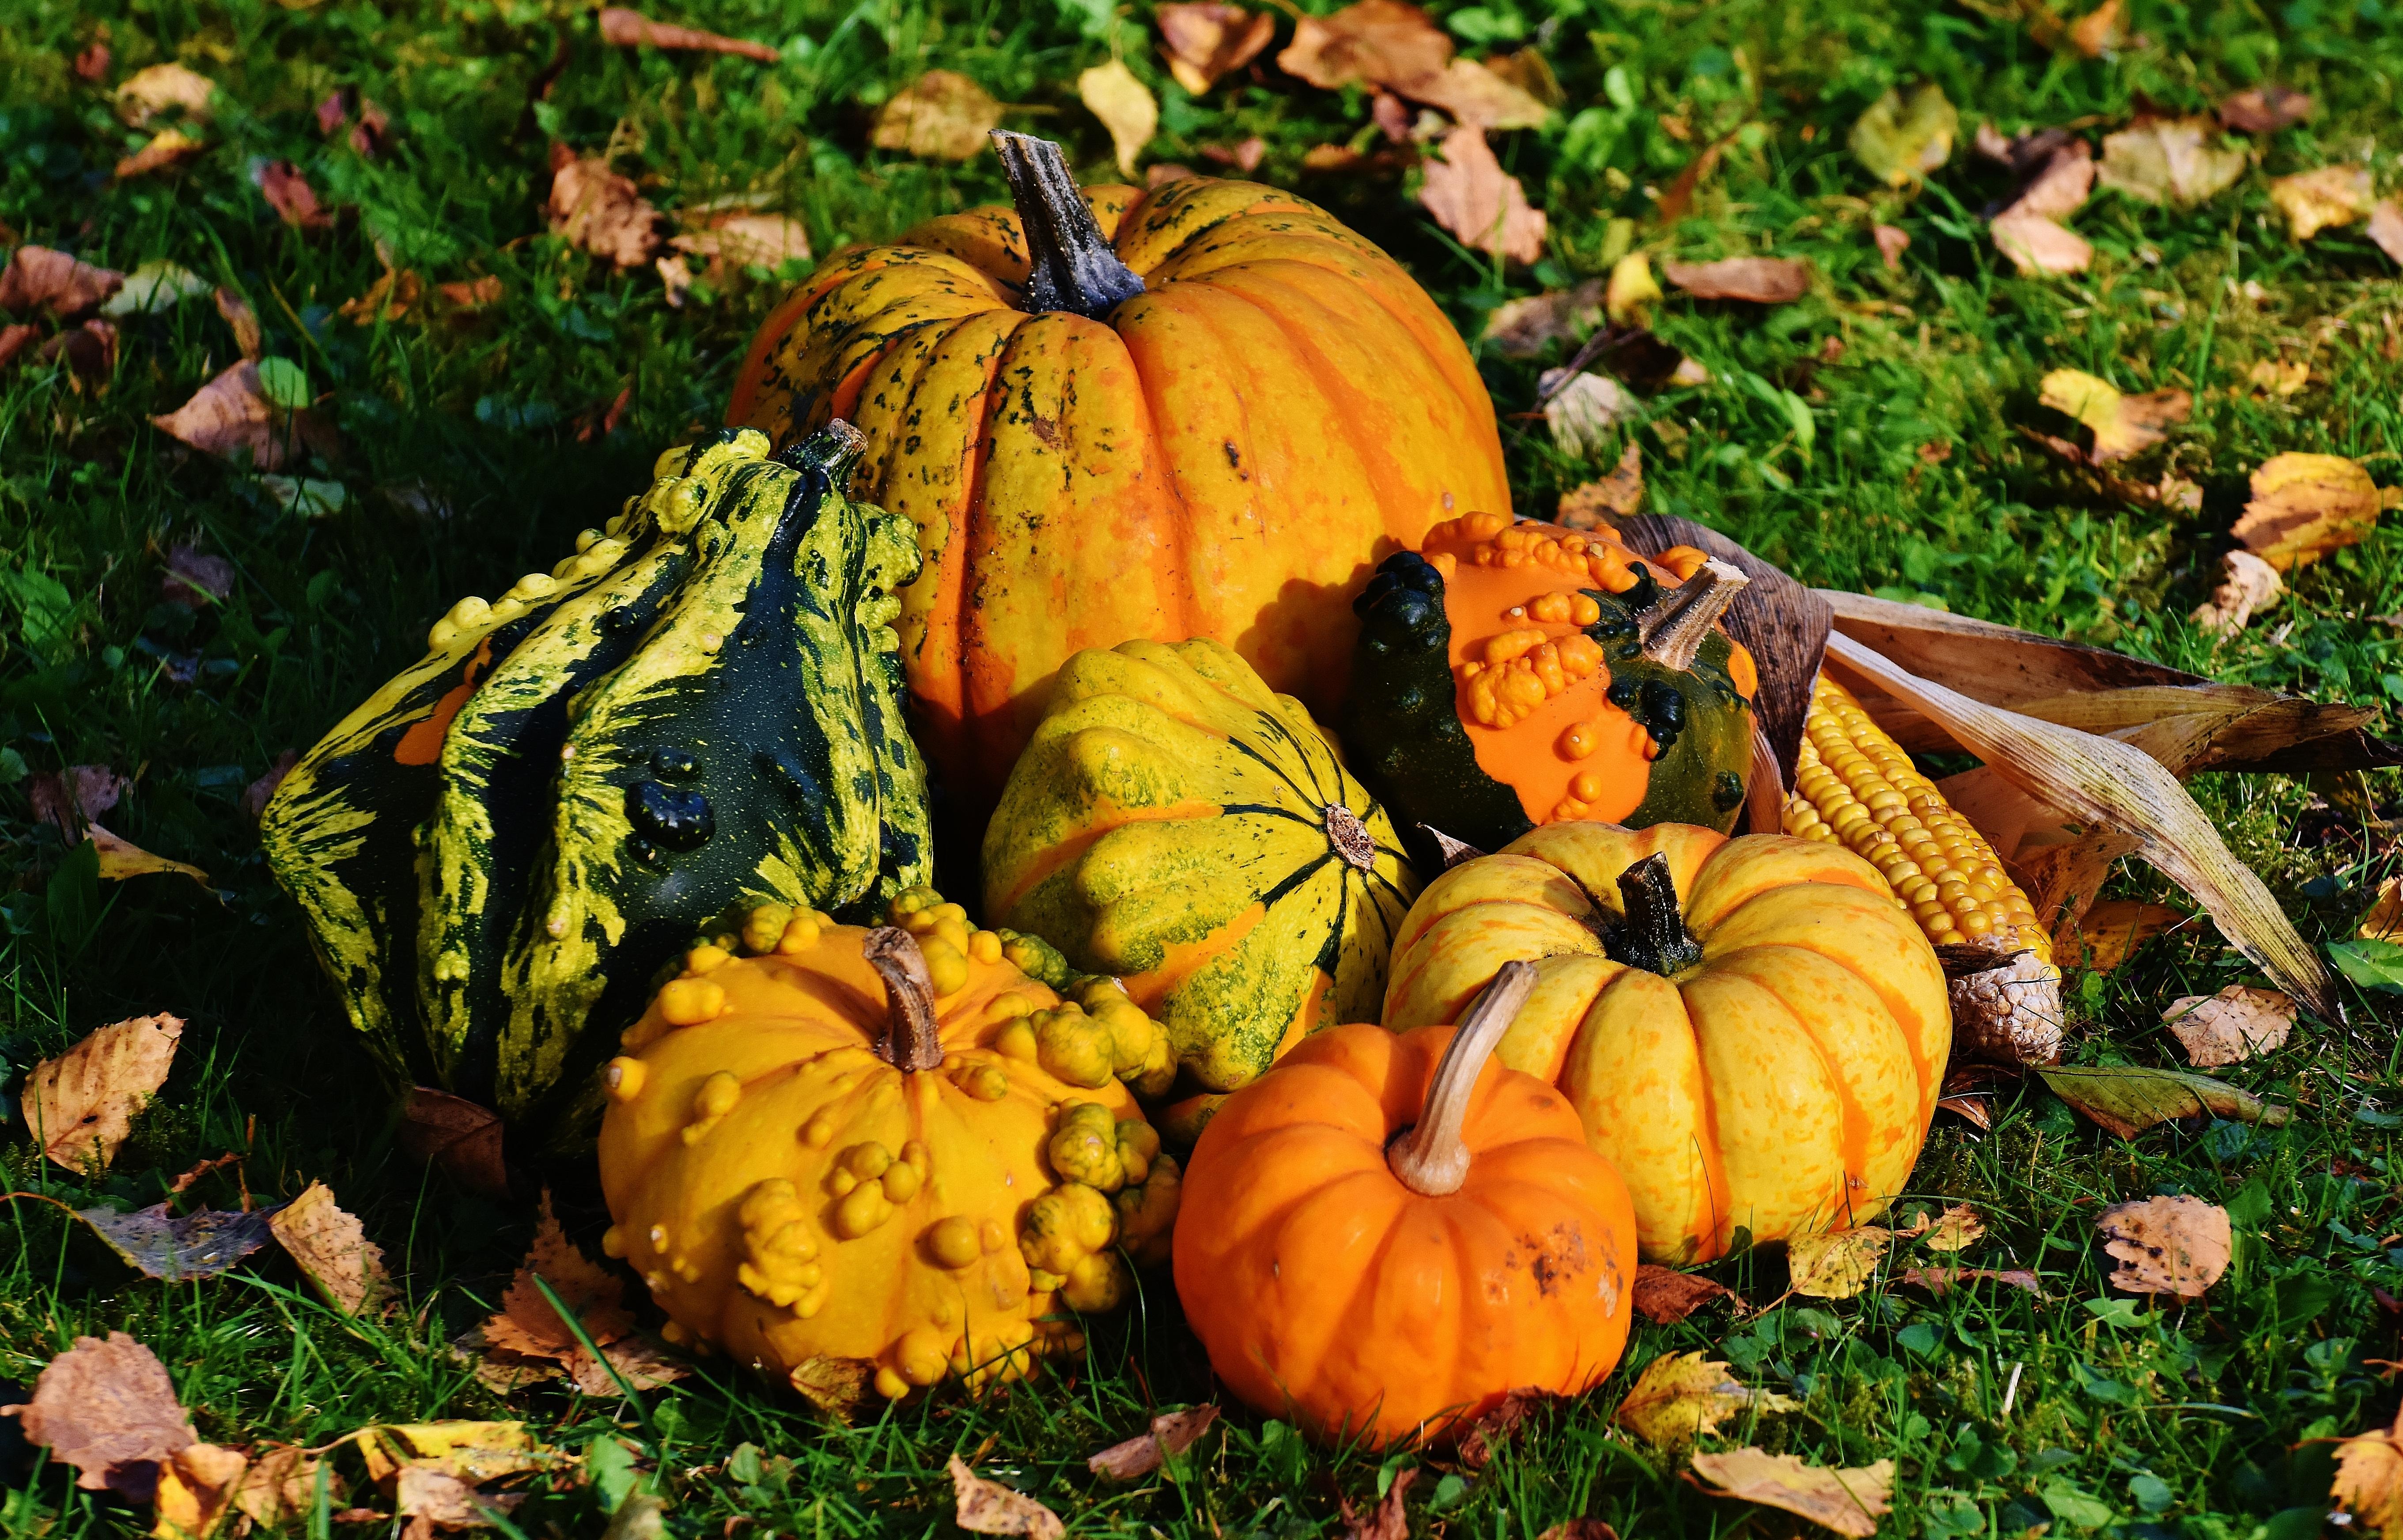 Images gratuites la nature fleur d coration r colte produire l 39 automne citrouille - Images d automne gratuites ...